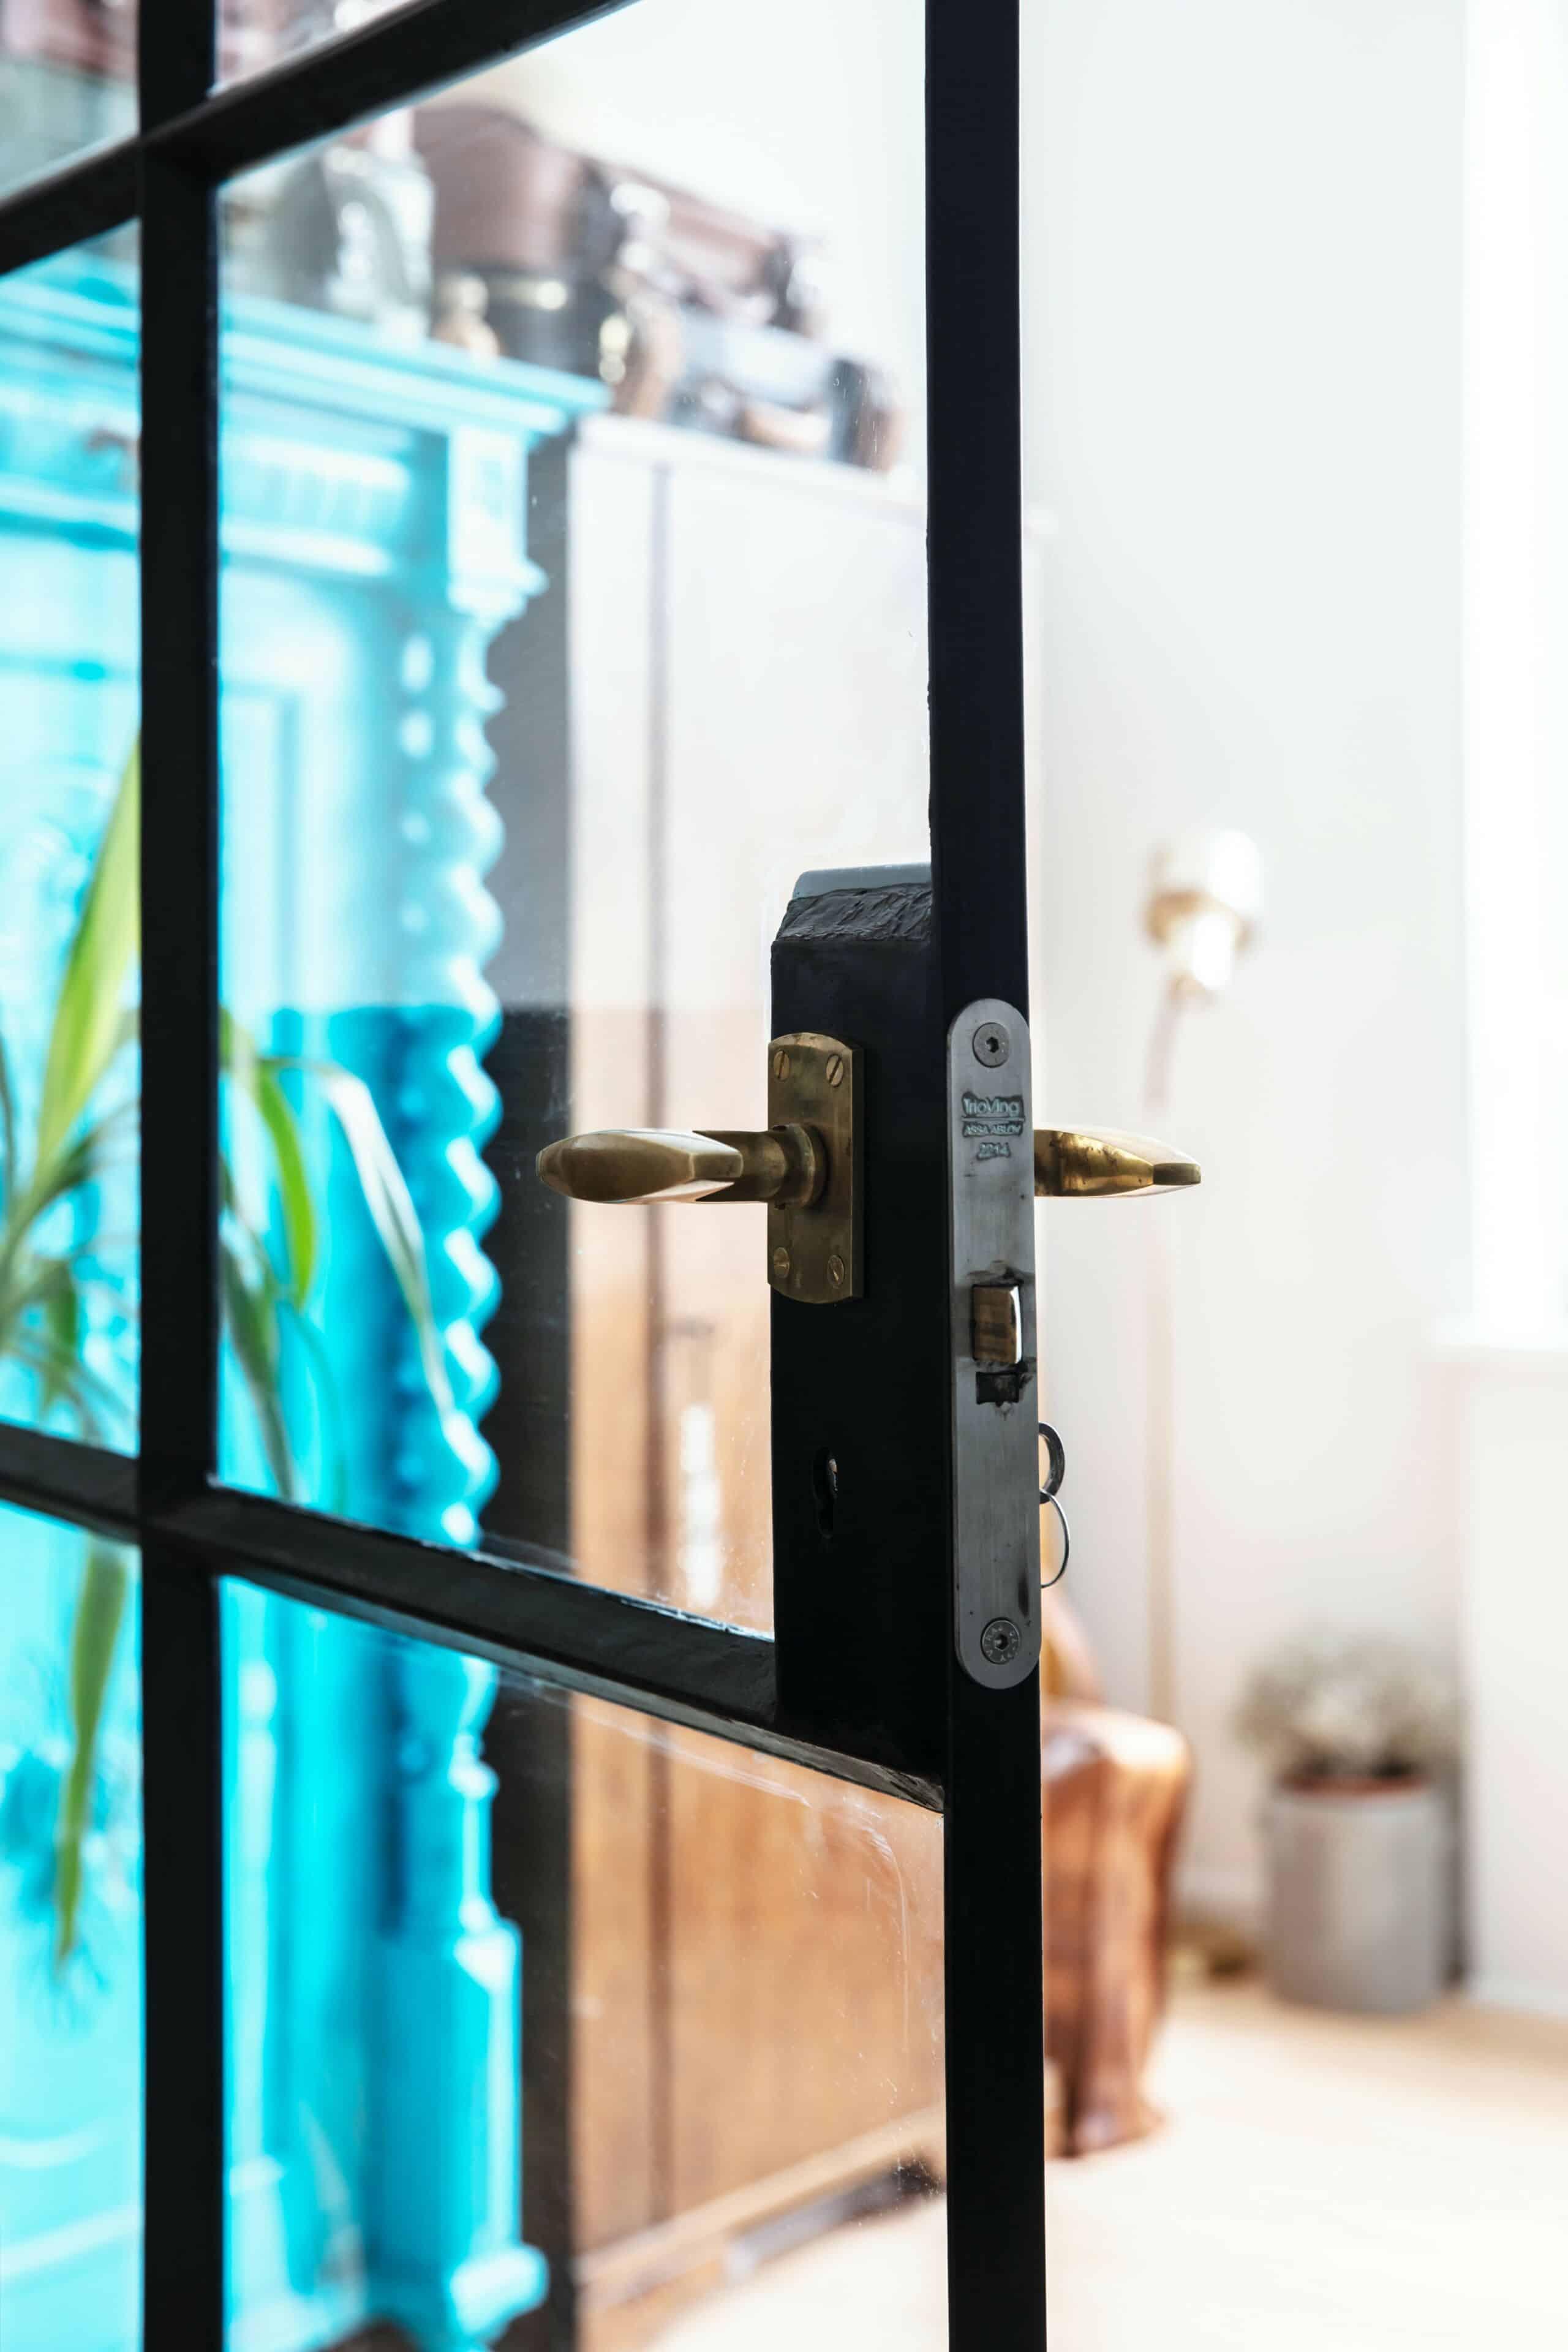 Glasvæg med smedejernsgitter og originale dørhåndtag bevaret i arkitekttegnet ombygning af funkislejlighed